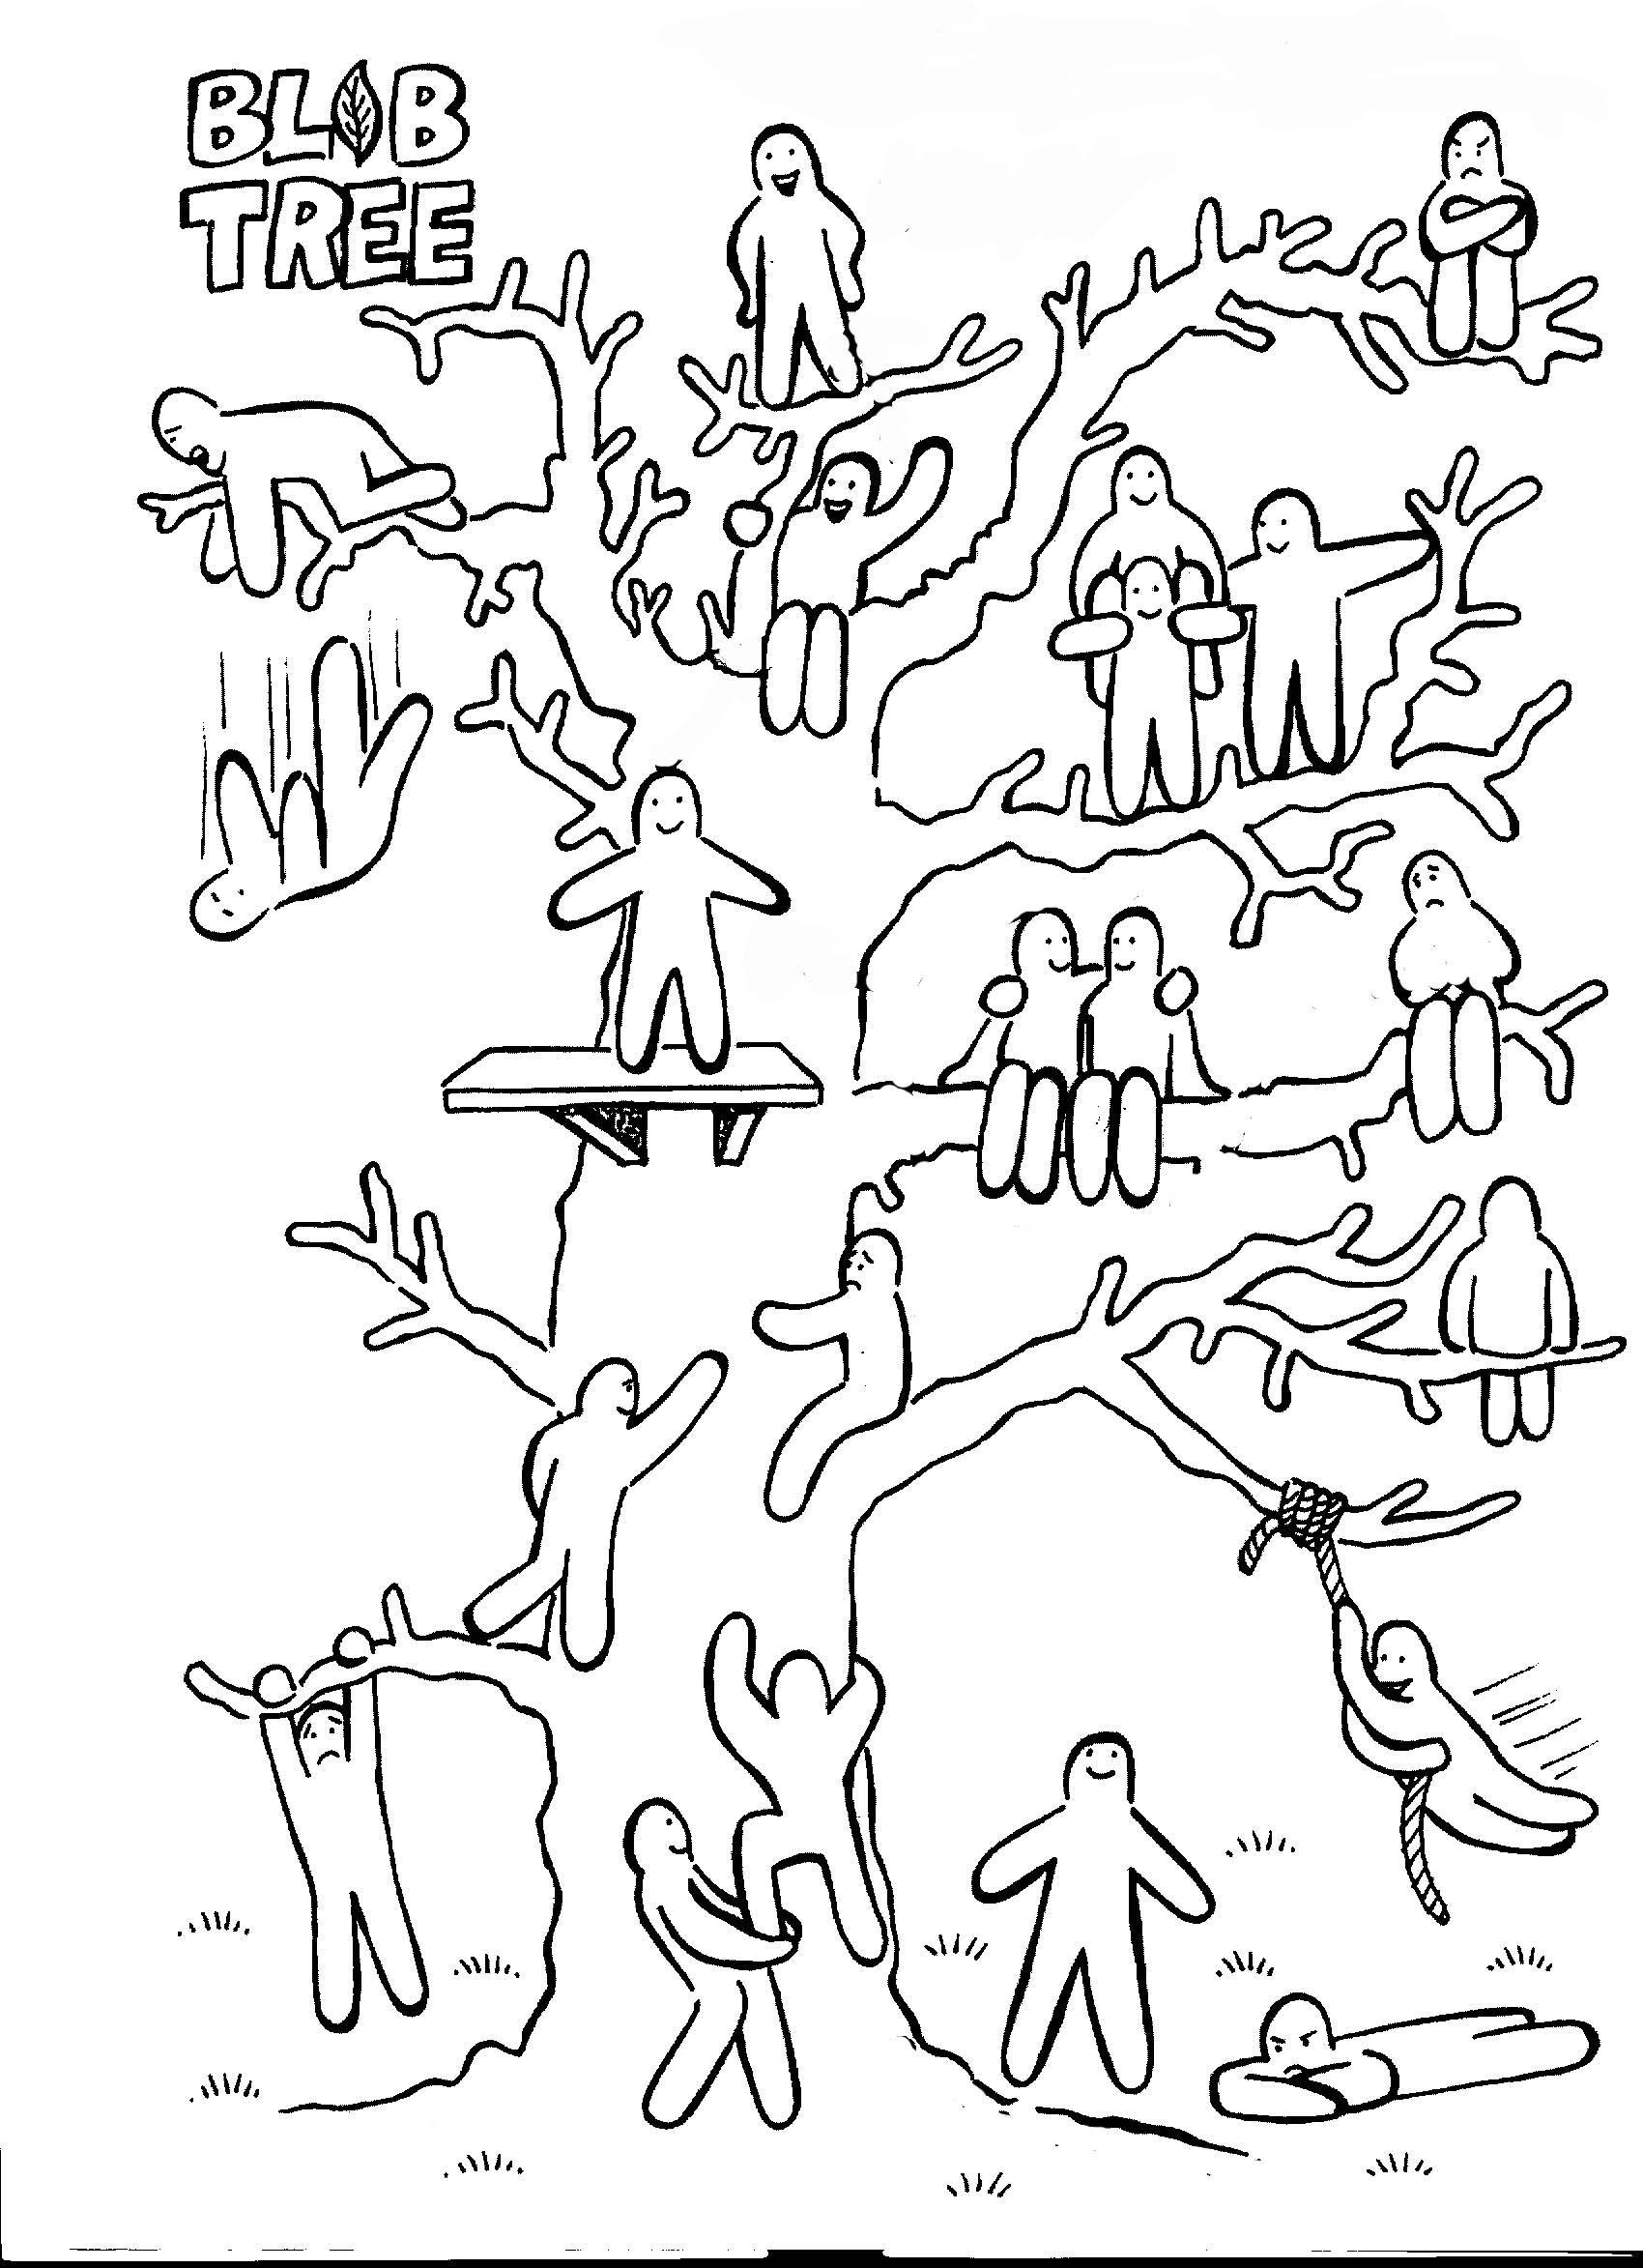 Психологическая картинка с человечками на дереве